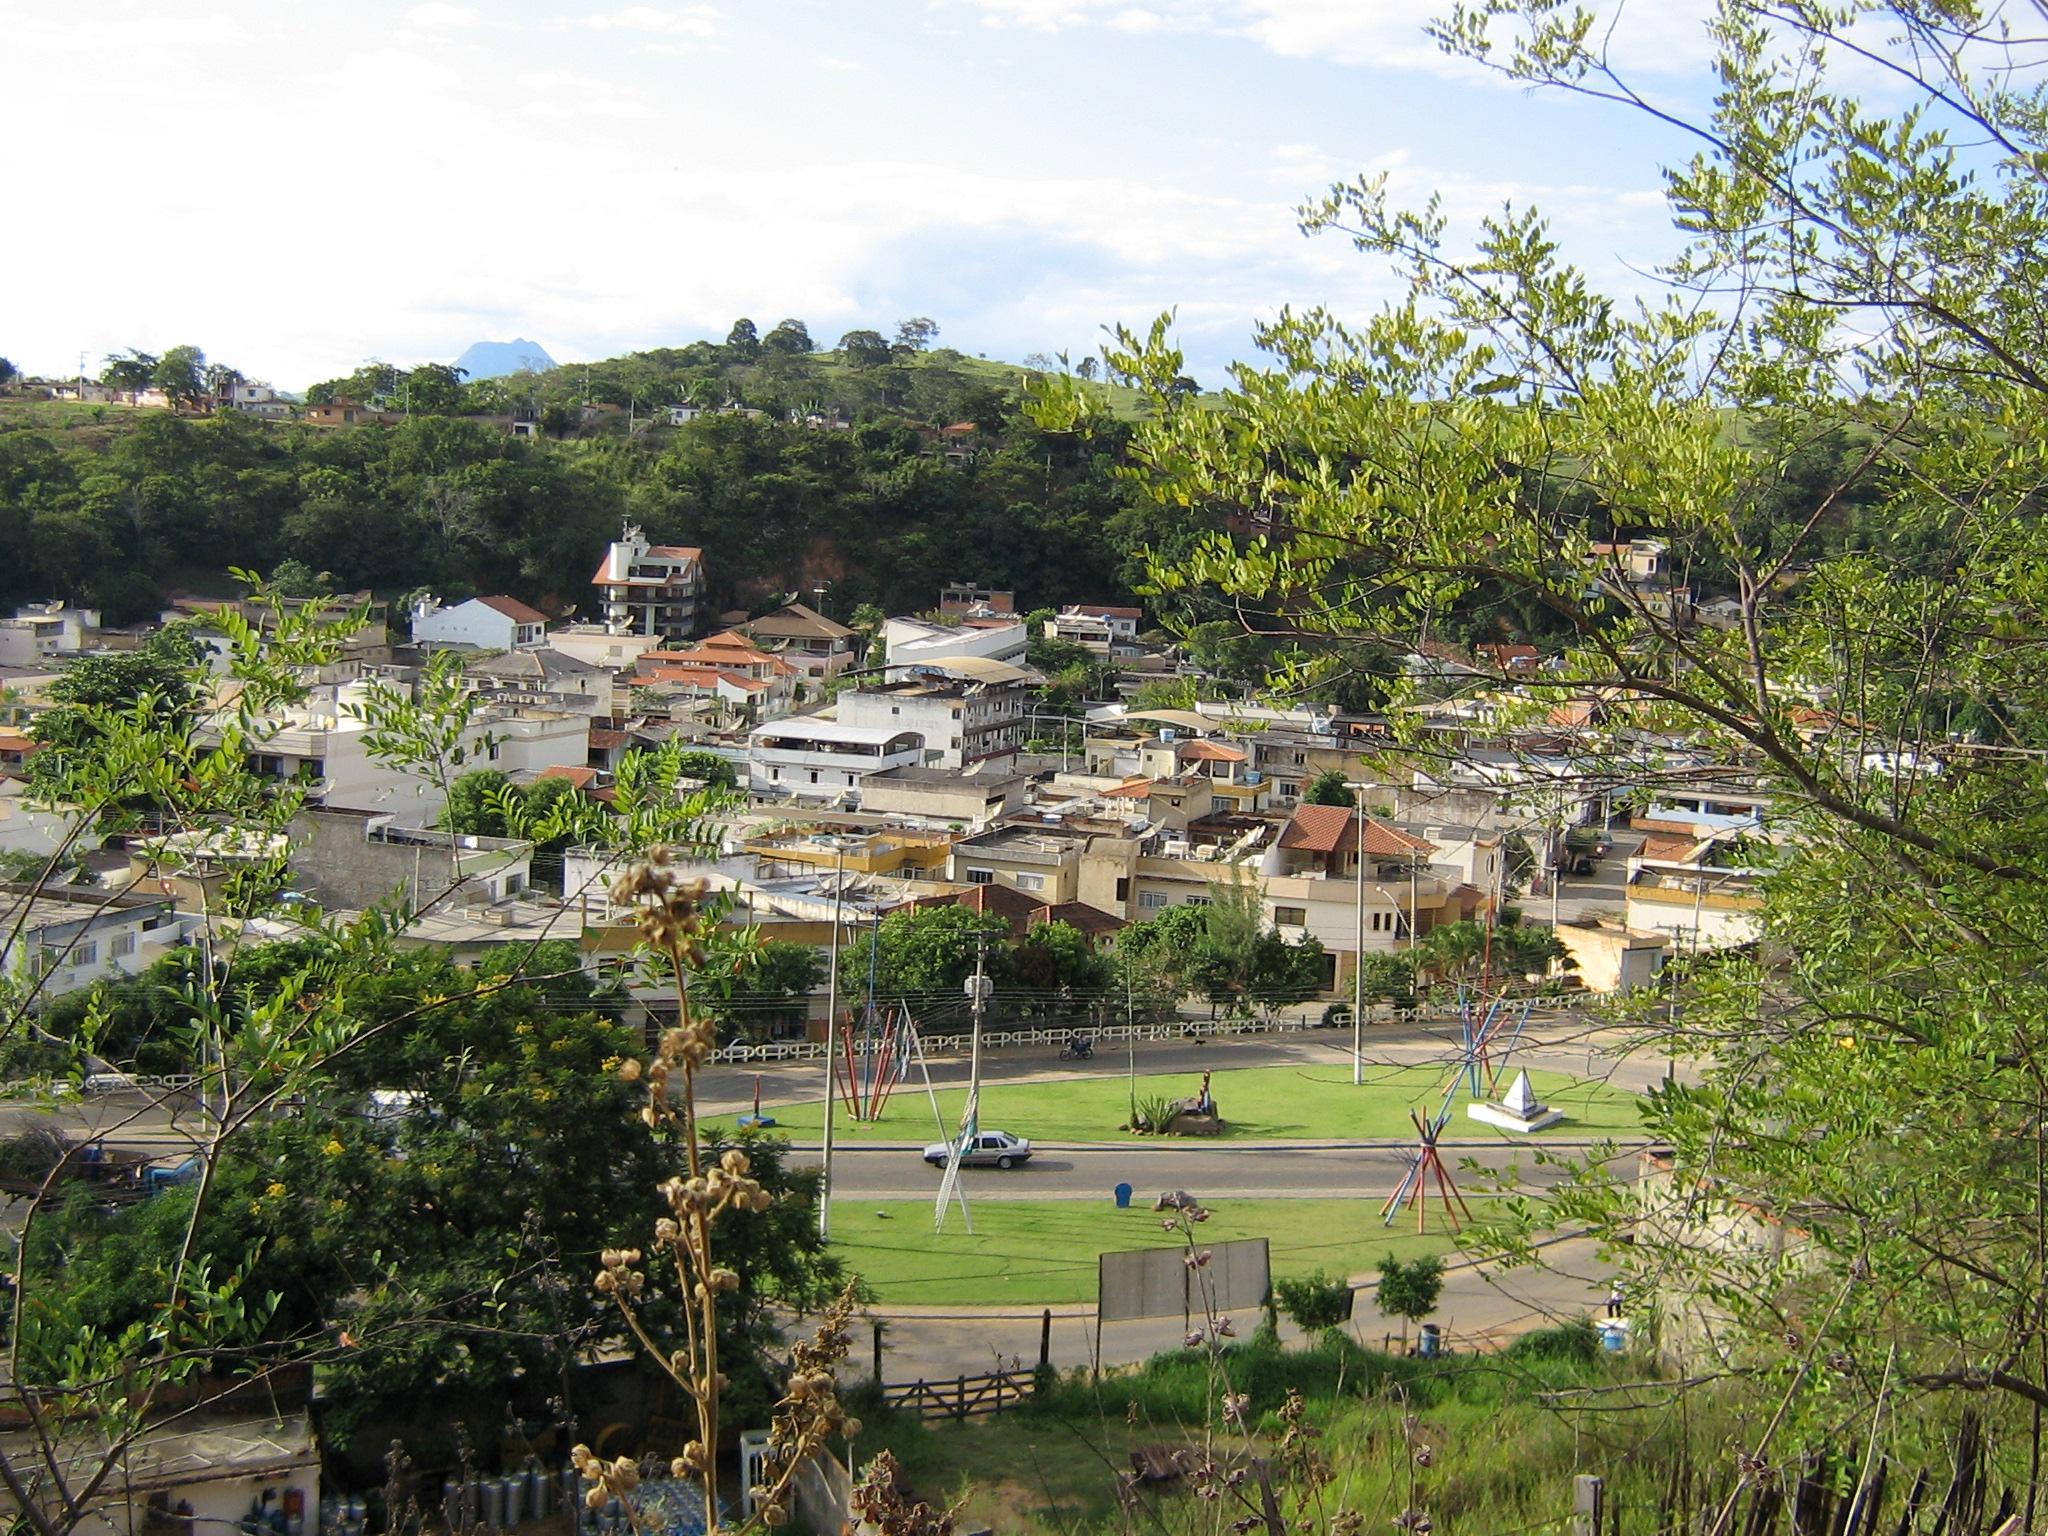 Fonte: www.itaocararj.com.br